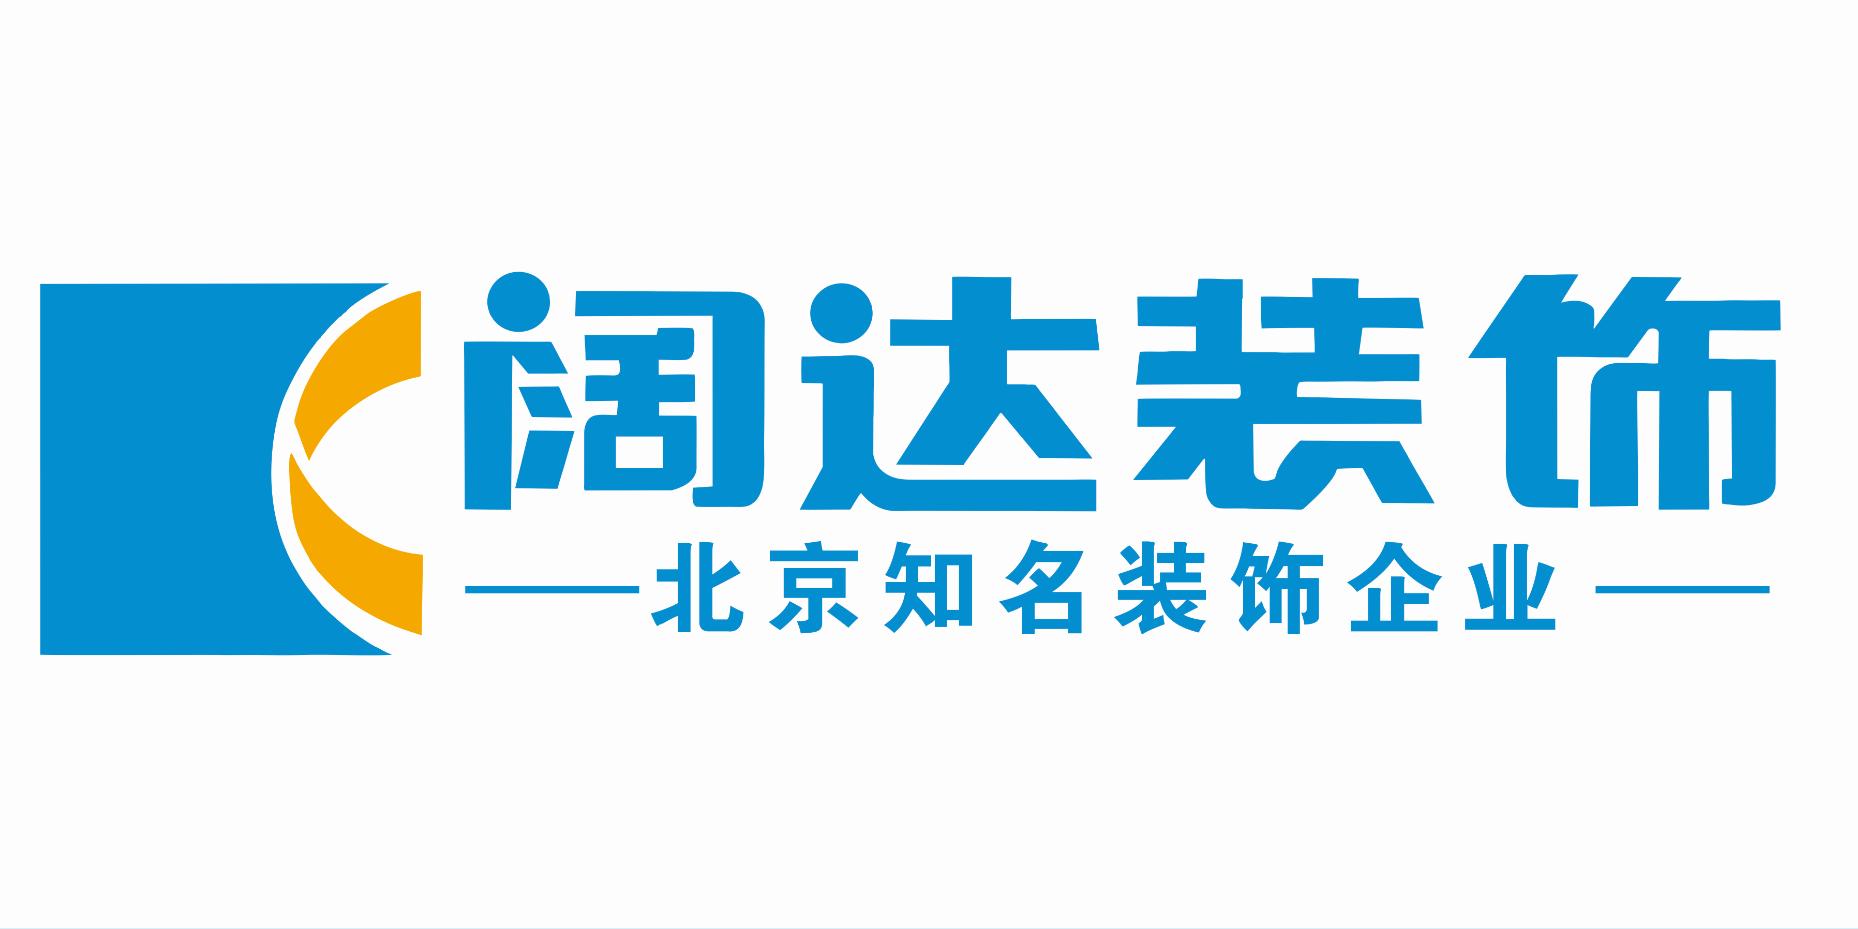 .北京阔达装饰昆山旗舰店